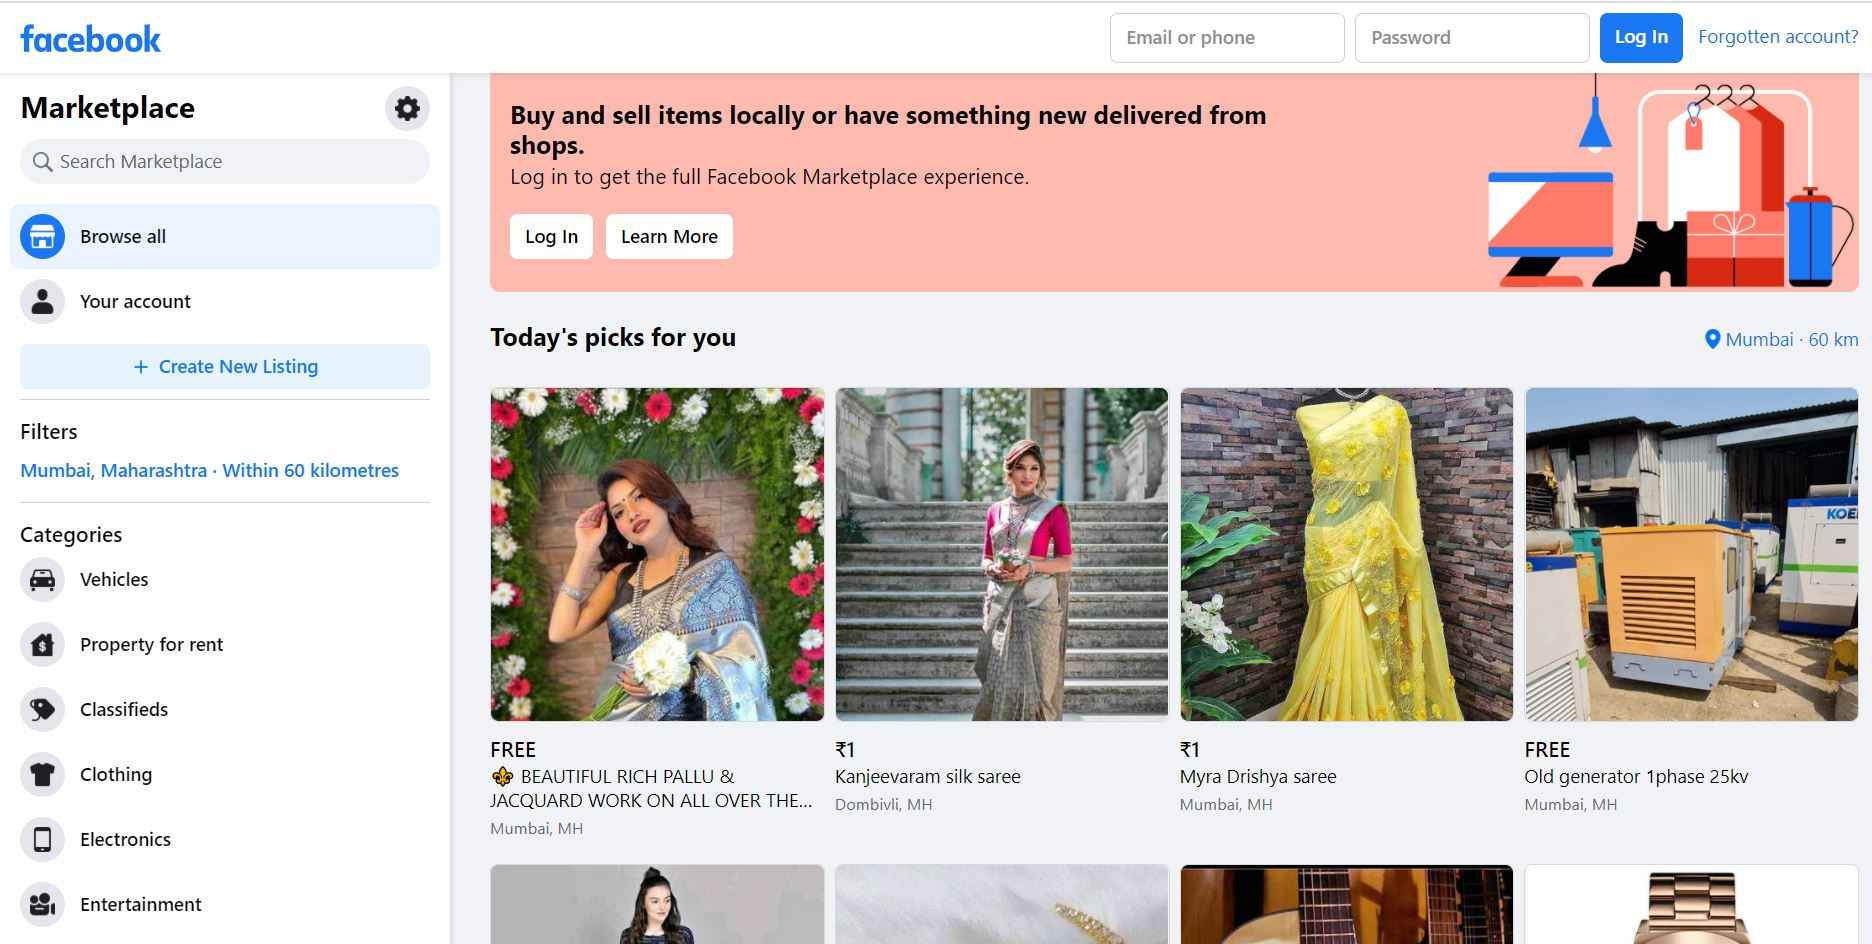 Facebook-Marketplace - sites like craigslist